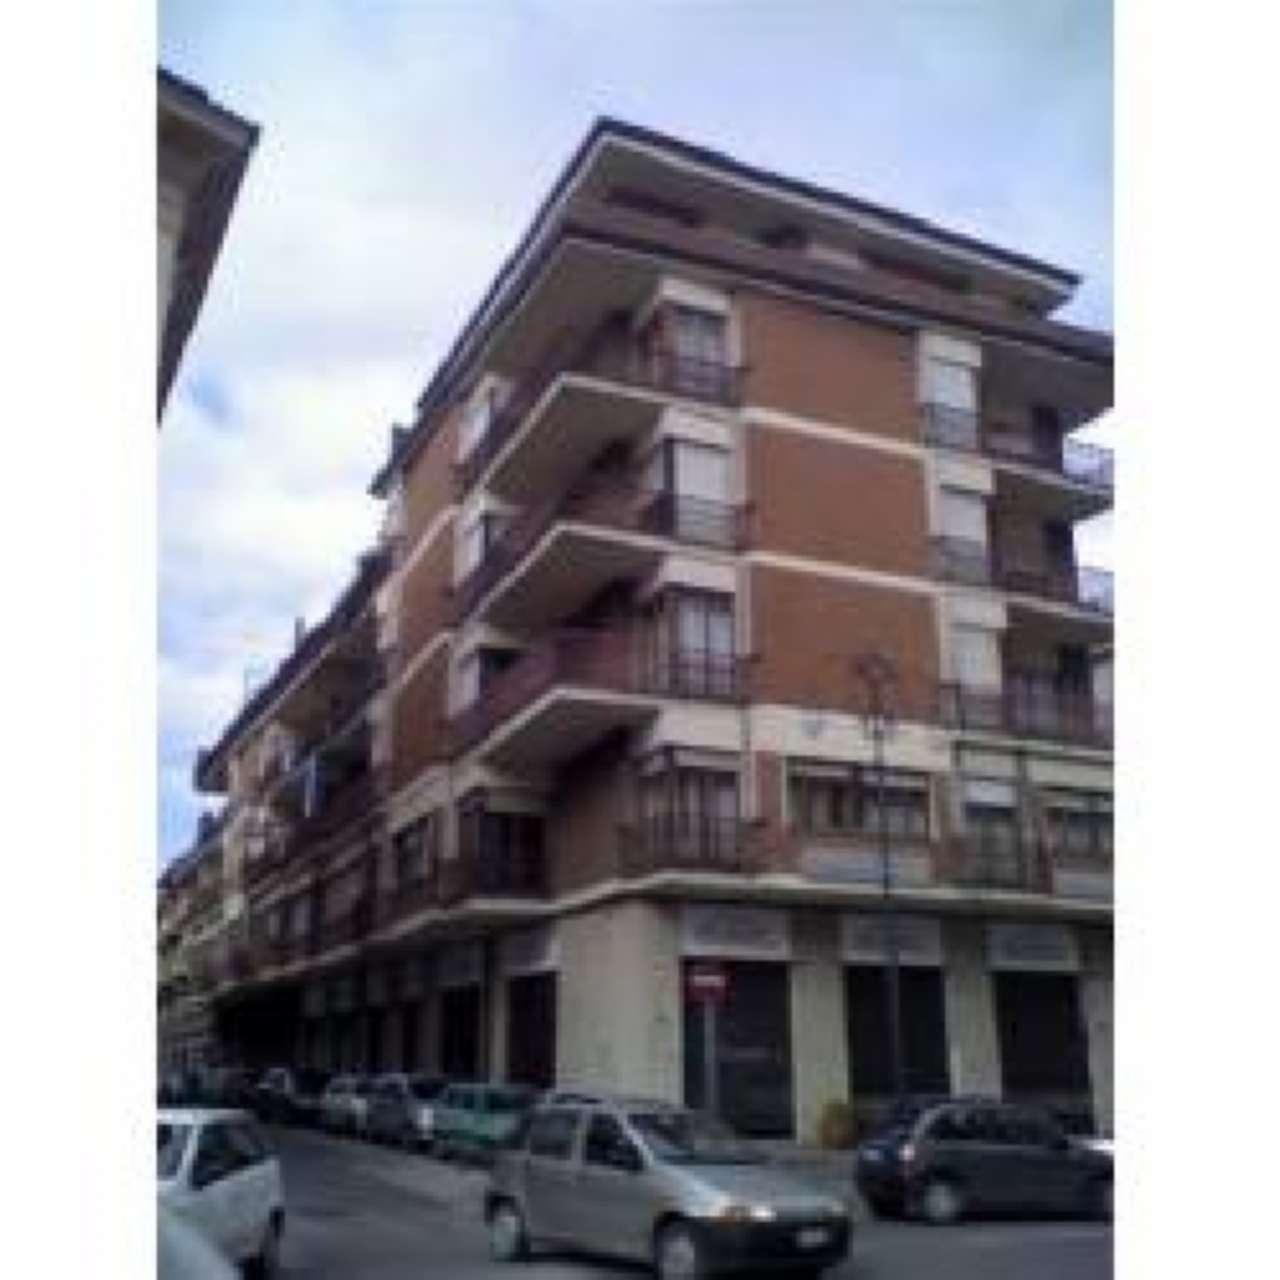 Negozio / Locale in vendita a Avellino, 1 locali, prezzo € 100.000   Cambio Casa.it